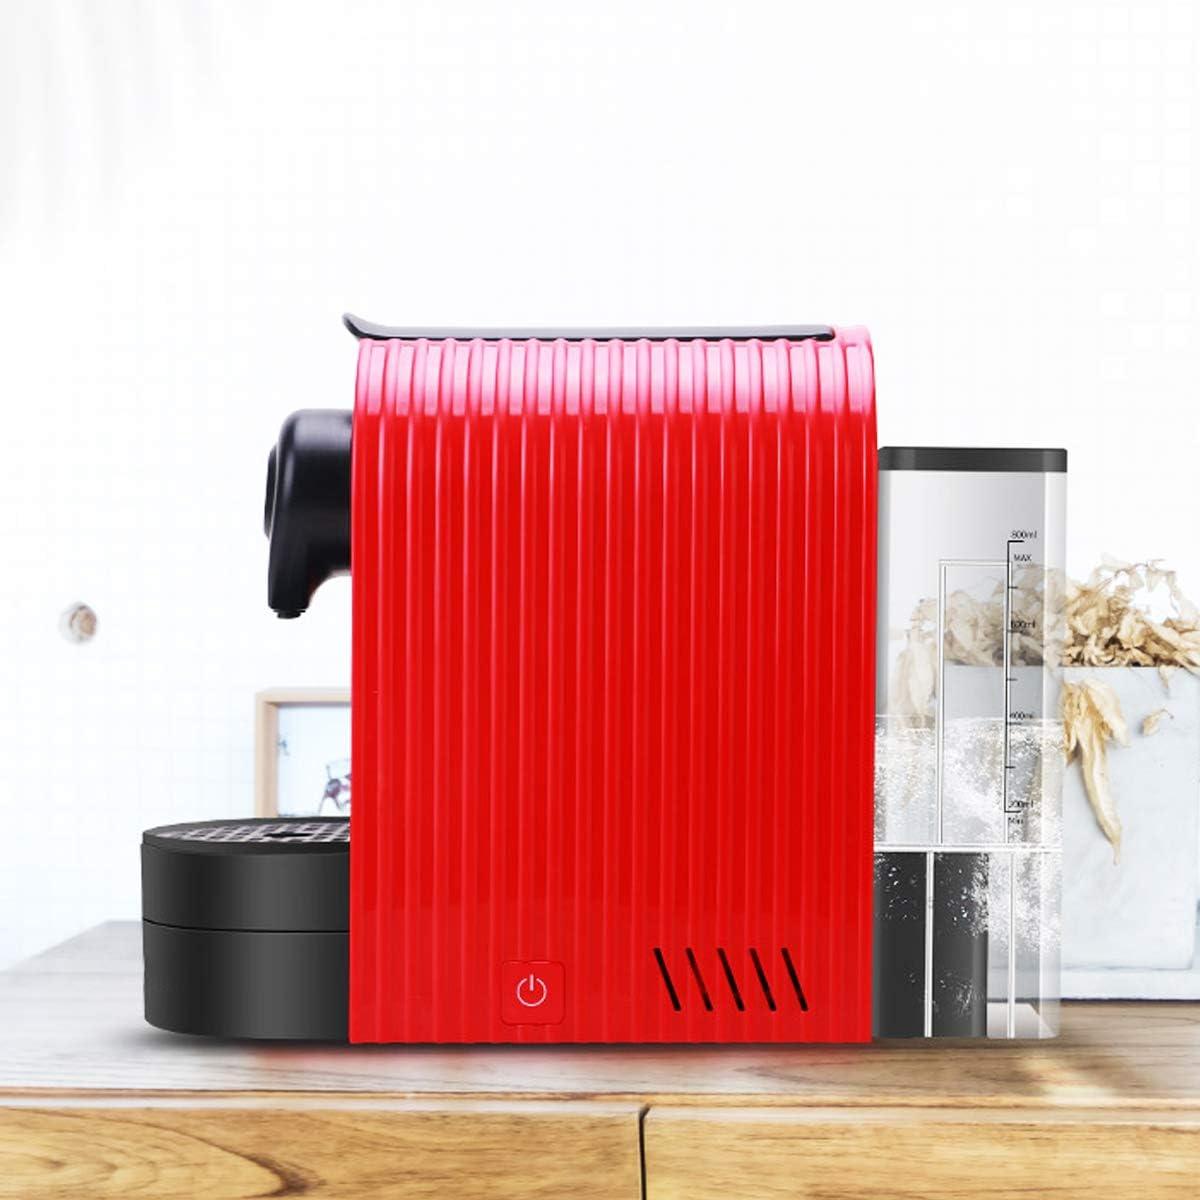 Bospyaf Machine À Café À Capsules Automatique Petite Mouture Machine À Café De Bureau Portable Italienne Intégrée,Blanc Red